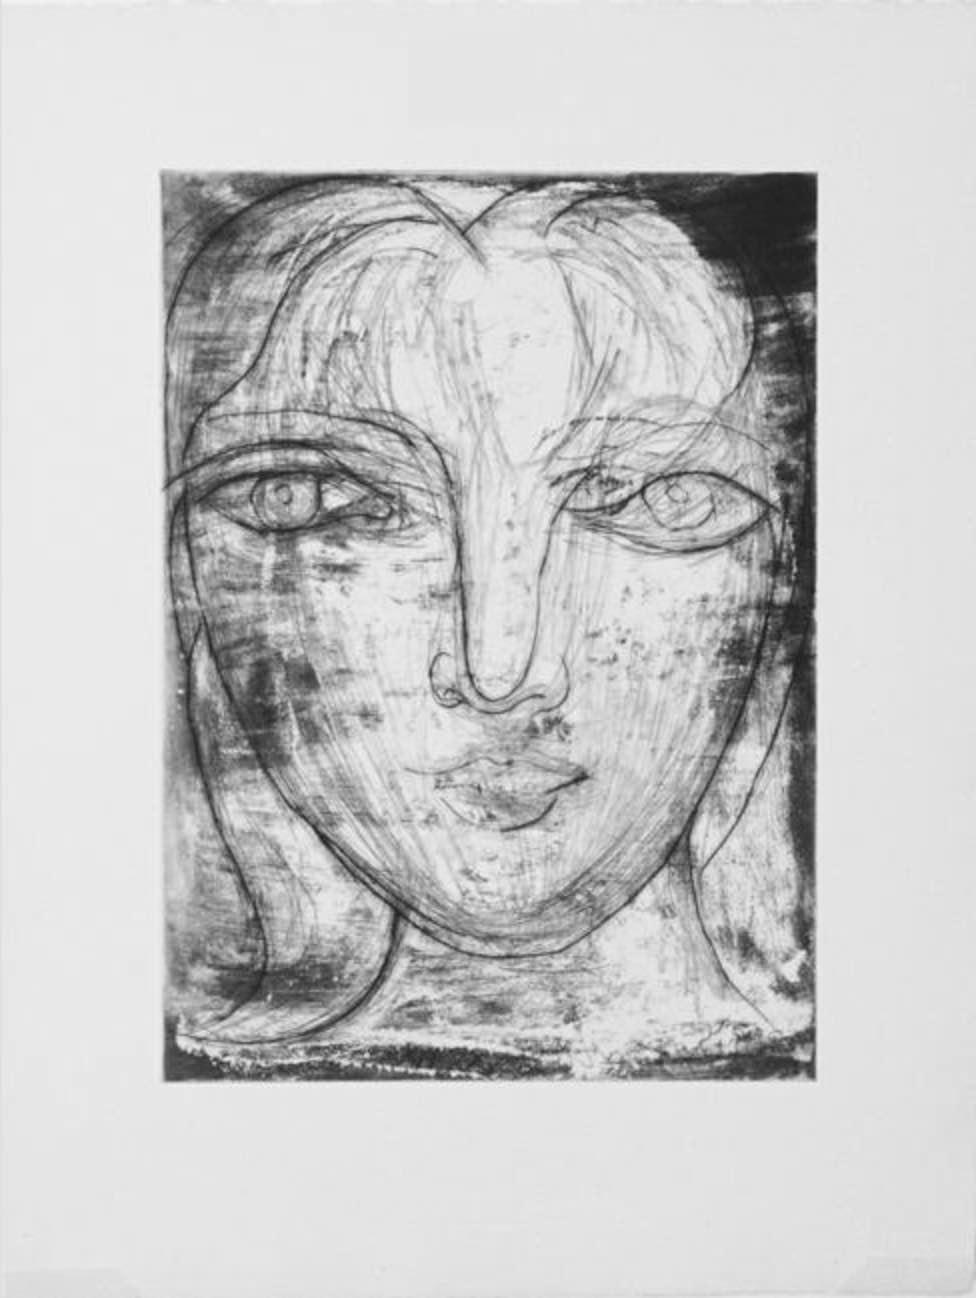 Portrait de Marie-Thérèse de Face by Picasso